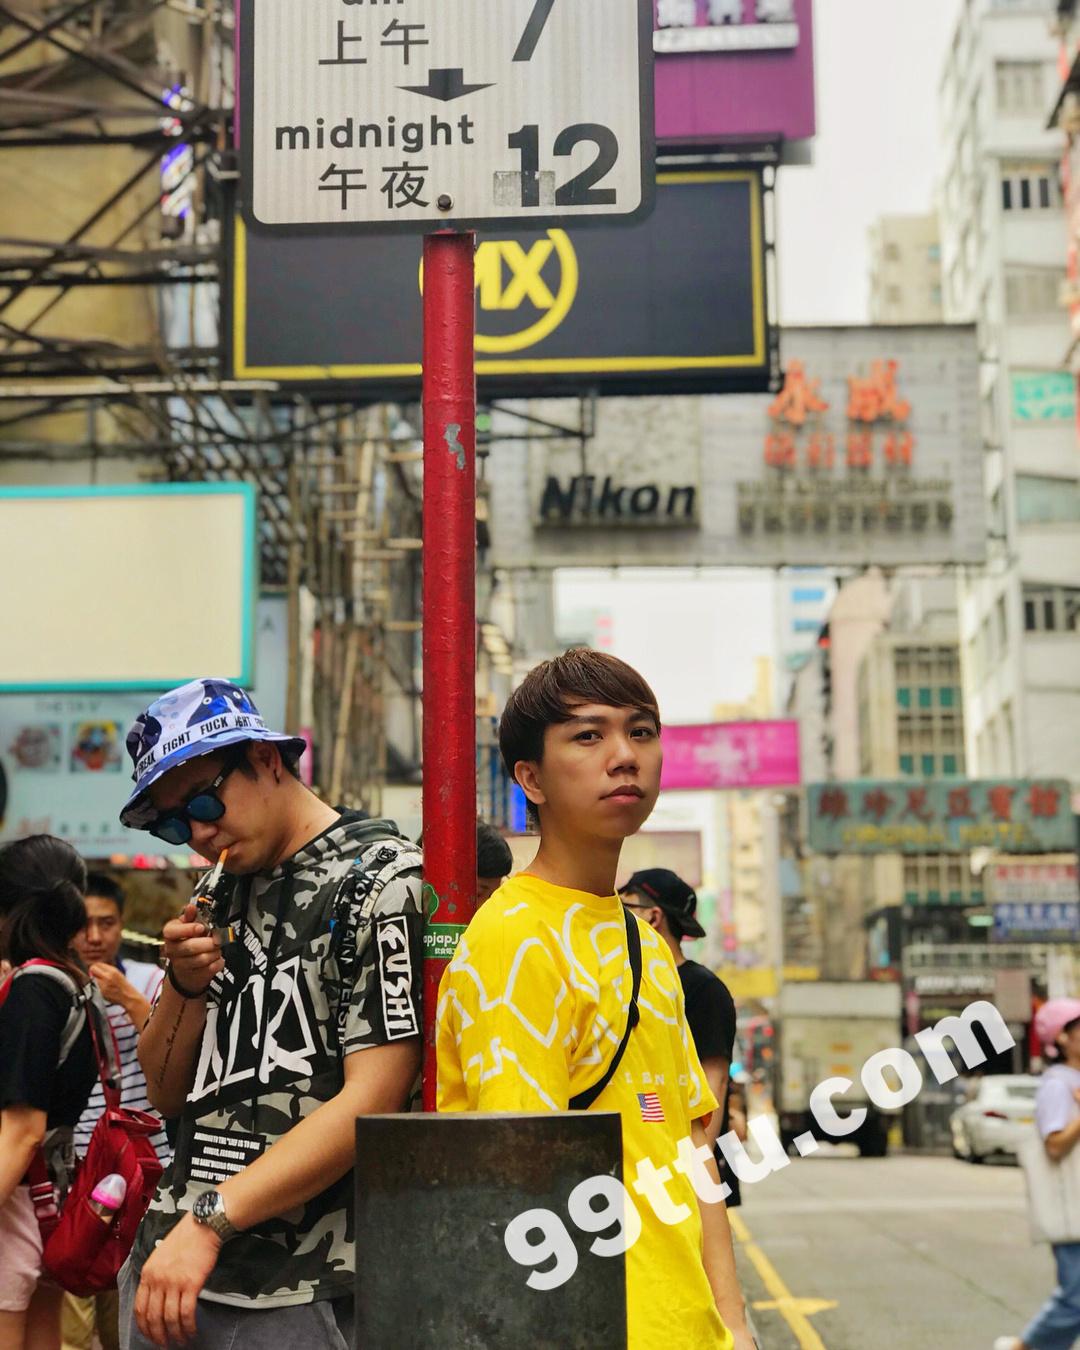 M05男图905照片+32视频(帅哥小眼睛男神跳舞达人小青年活泼时尚小年轻)-12